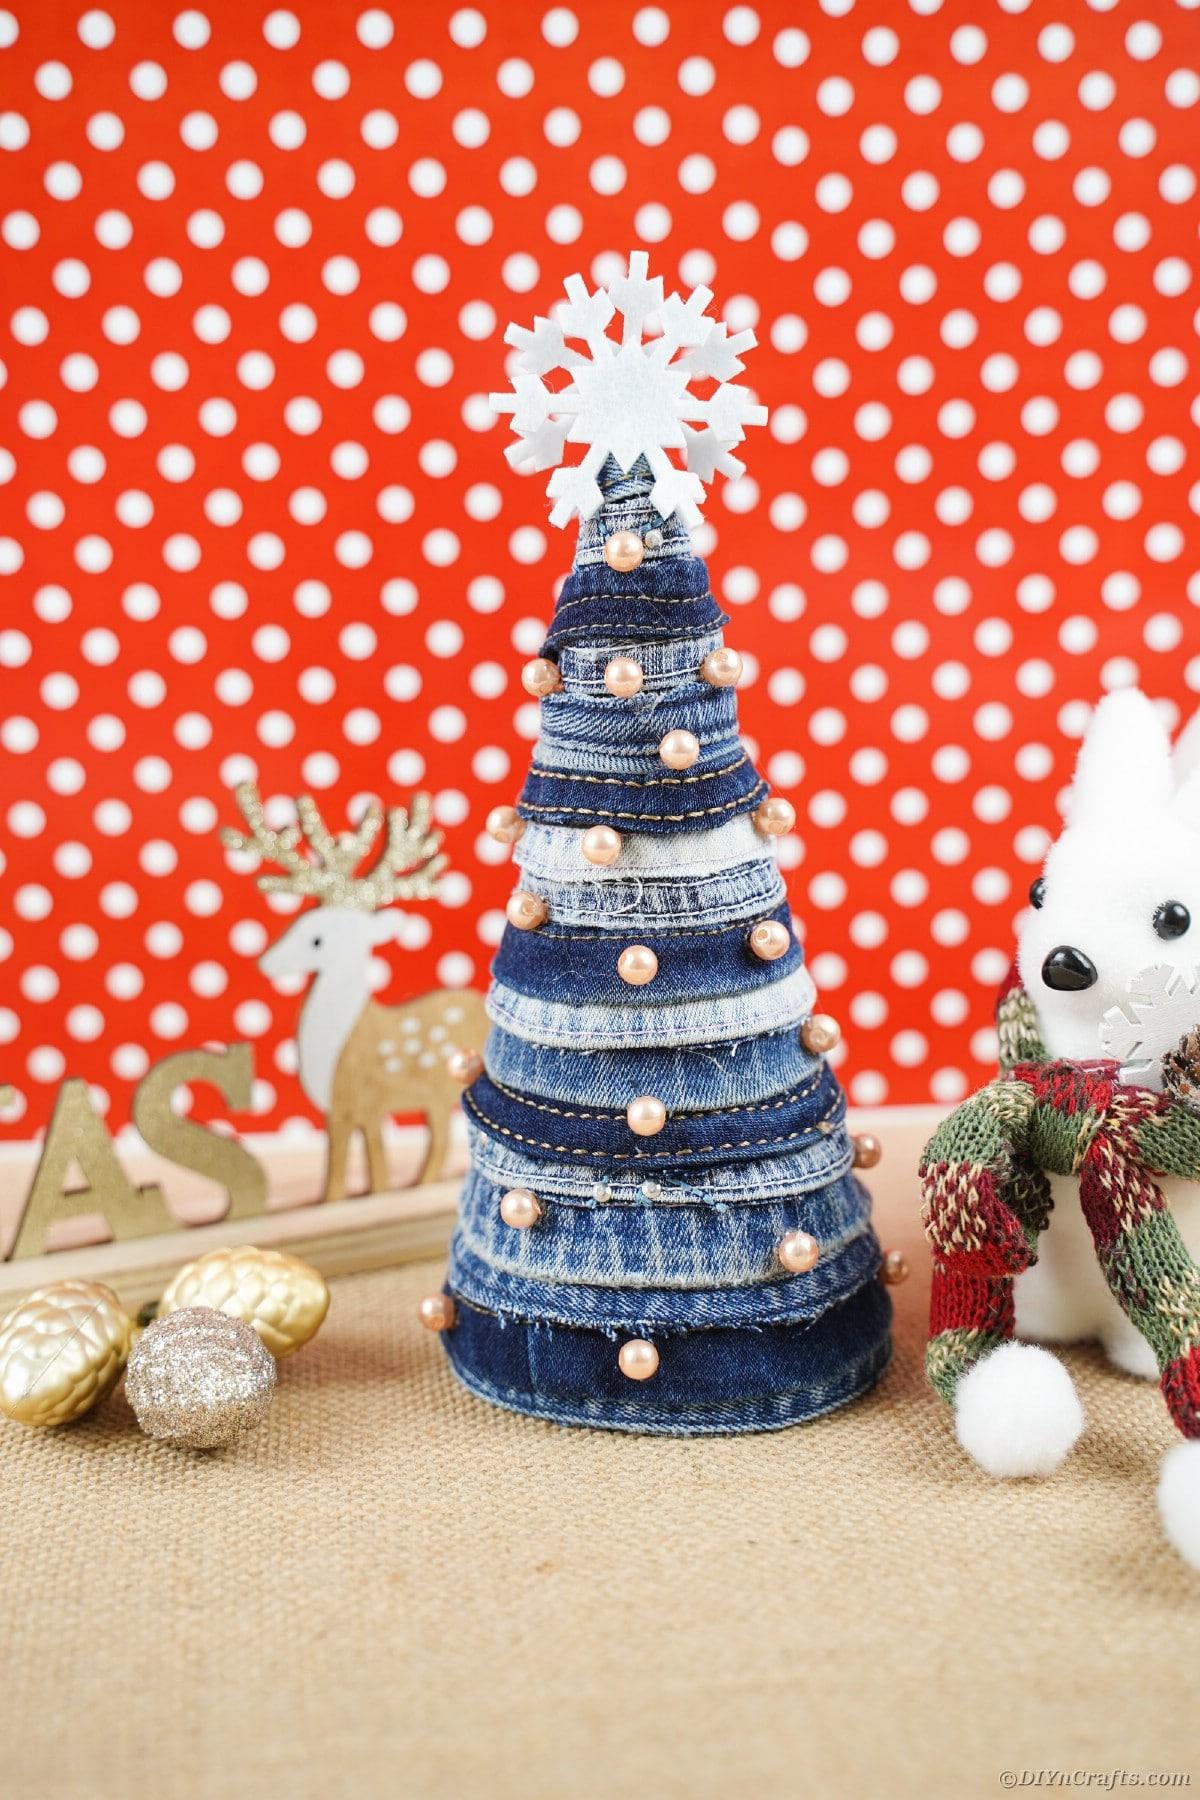 Denim tree by polka dot background